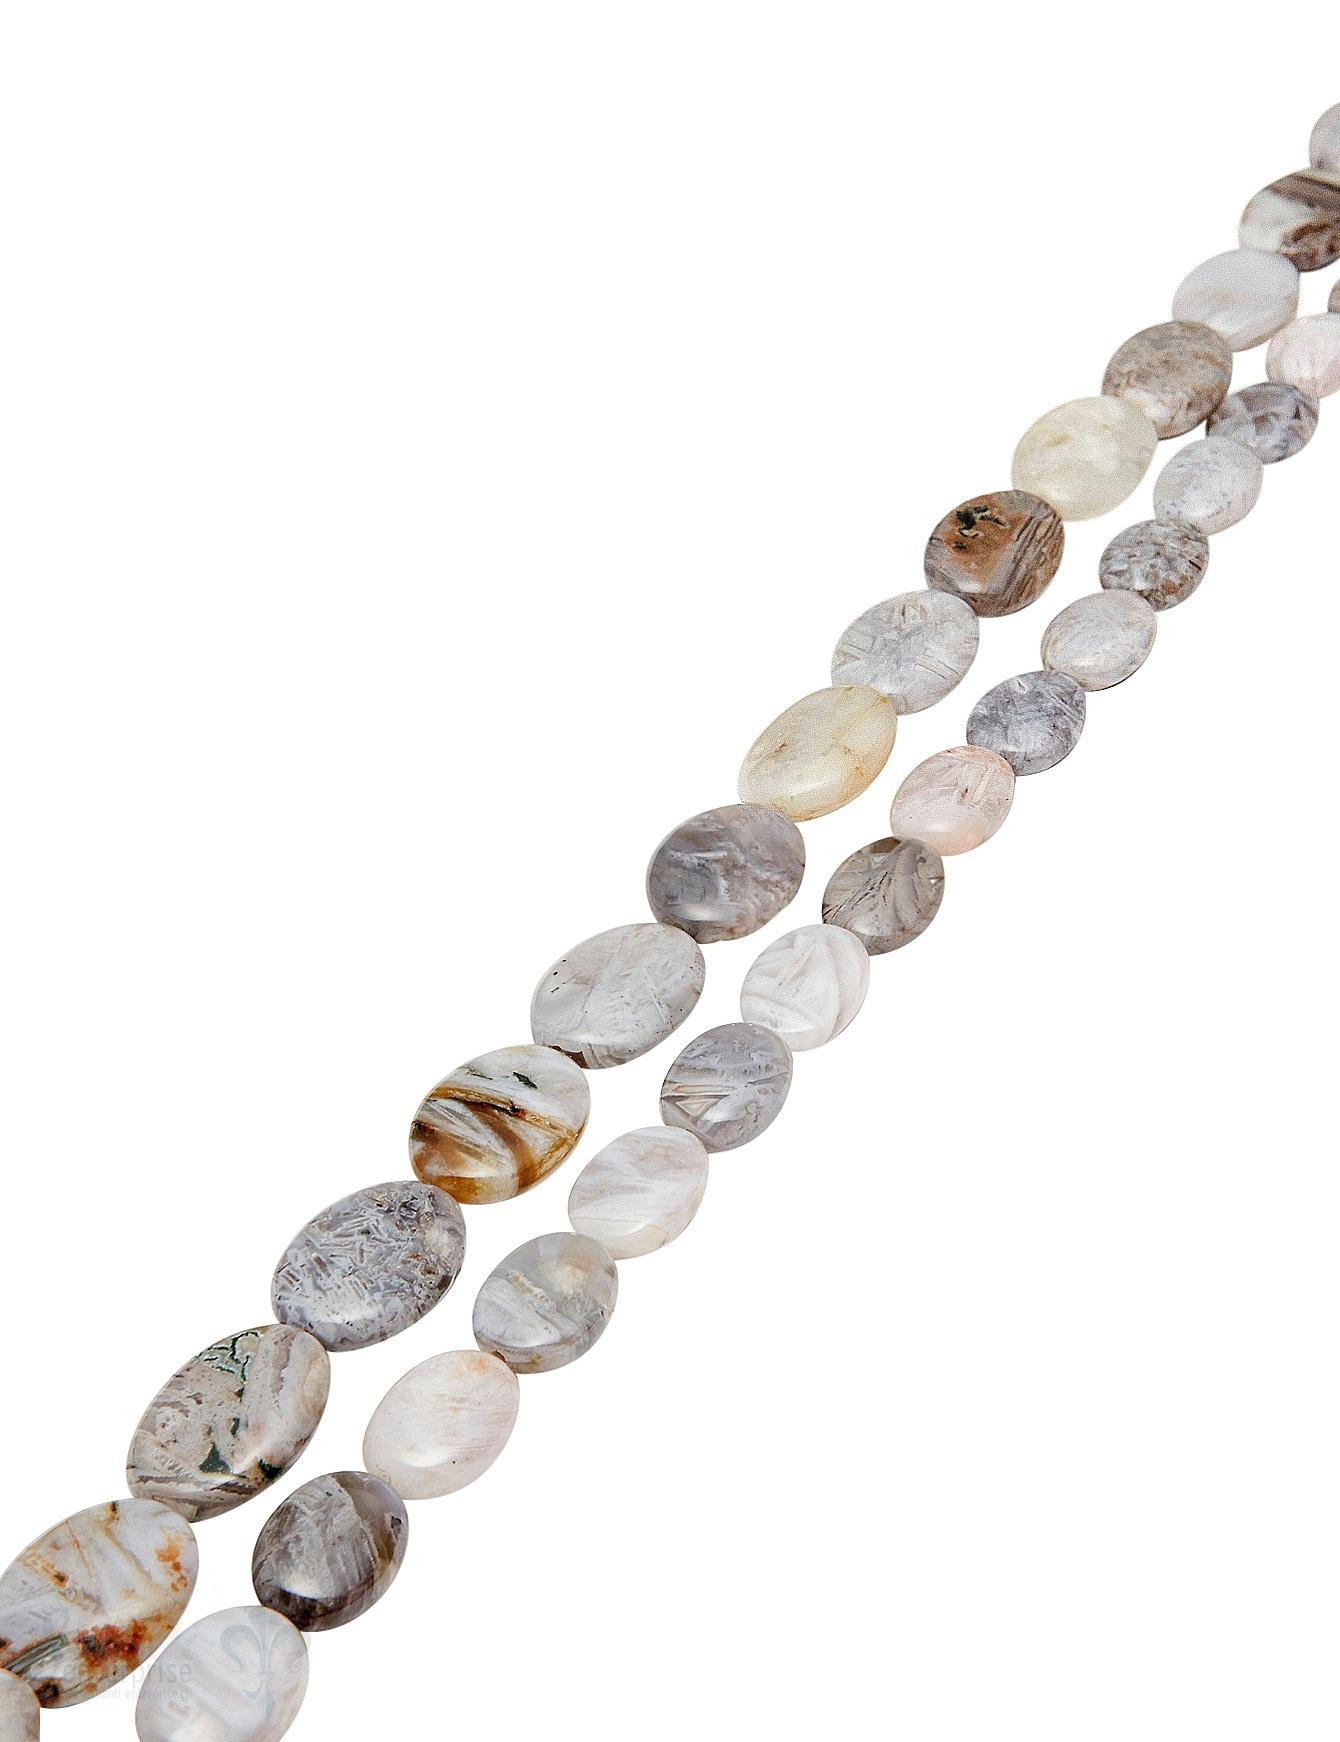 Fossilien-Jaspis Strang grau marmoriert poliert